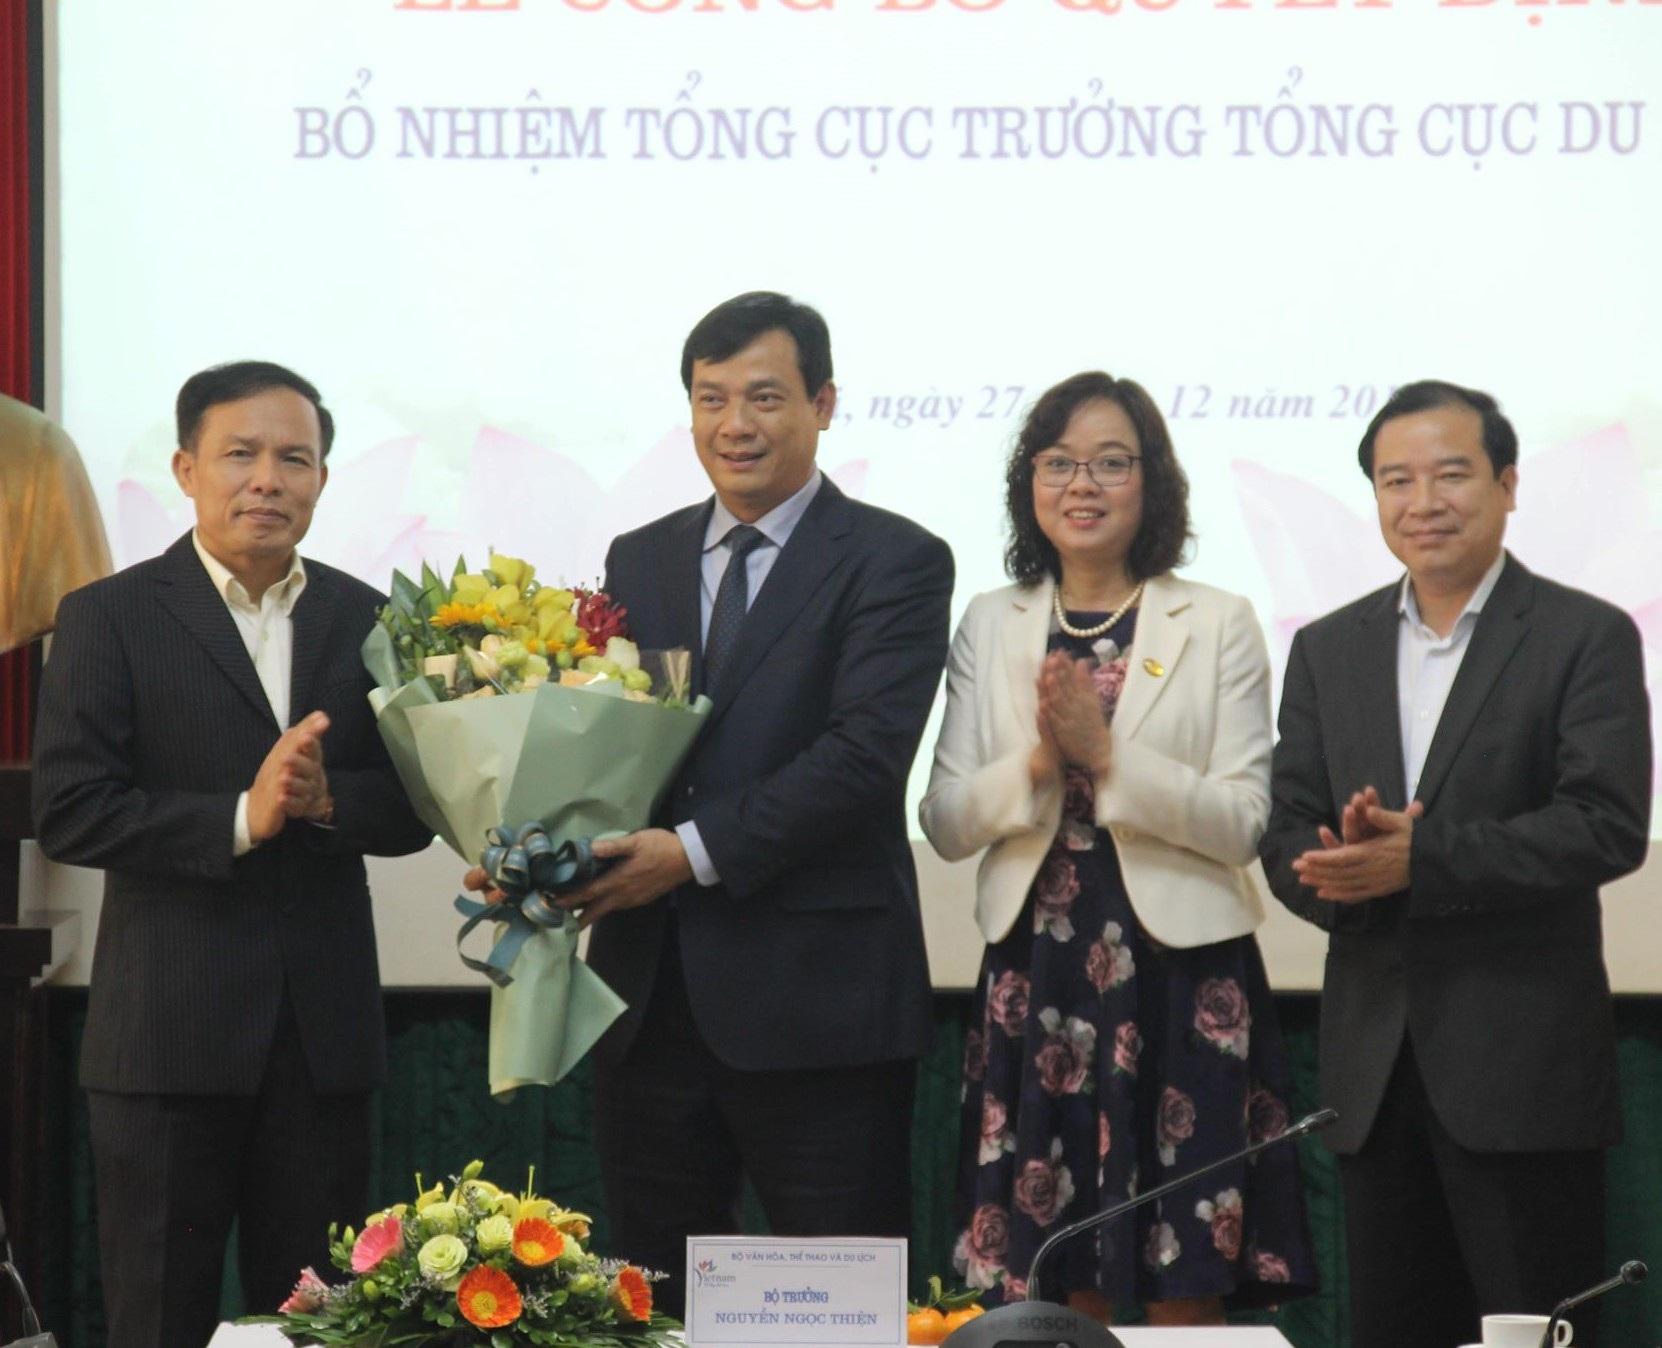 Bộ VHTT&DL bổ nhiệm Tổng cục trưởng Tổng cục Du lịch - Ảnh 1.